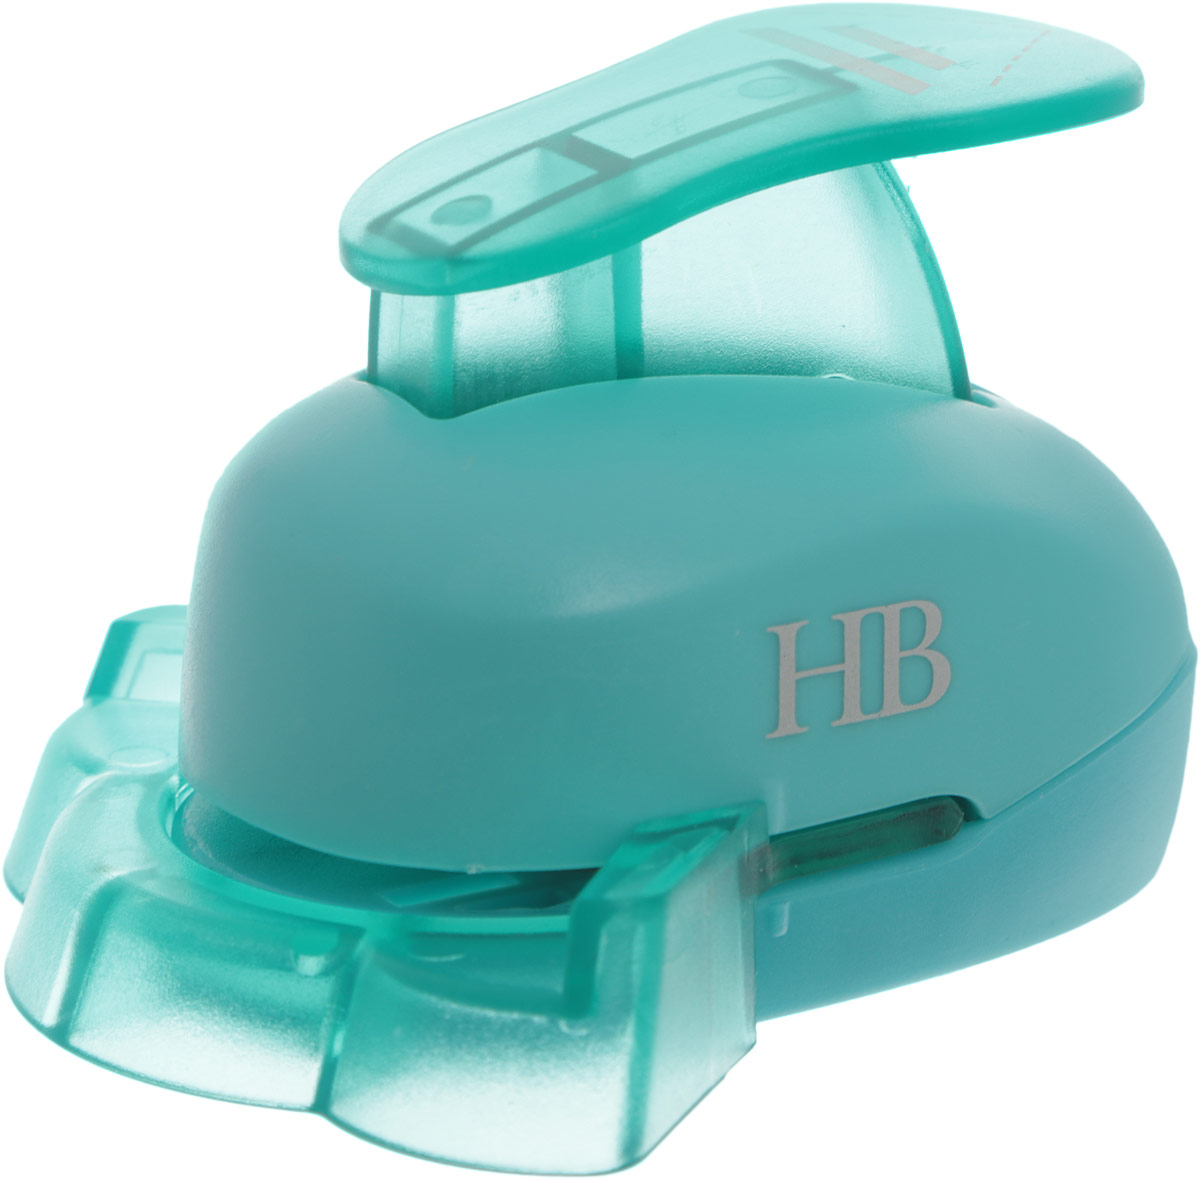 Дырокол фигурный Hobbyboom, угловой, цвет: бирюзовый, №11, 2,5 смKM-8810M-011Фигурный угловой дырокол Hobbyboom поможет вам легко, просто и аккуратновырезать много одинаковых мелких фигурок. Режущие части компостера закрыты пластмассовым корпусом, что обеспечиваетбезопасность для детей. Вырезанные фигурки накапливаются в специальномрезервуаре. Можно использовать вырезанные мотивы как конфетти или длянаклеивания.Угловой дырокол подходит для разных техник: декупажа, скрапбукинга,декорирования. Рекомендуемая плотность бумаги - 120-180 г/м2. Размер готовой фигурки: 2,5 см х 1,8 см.